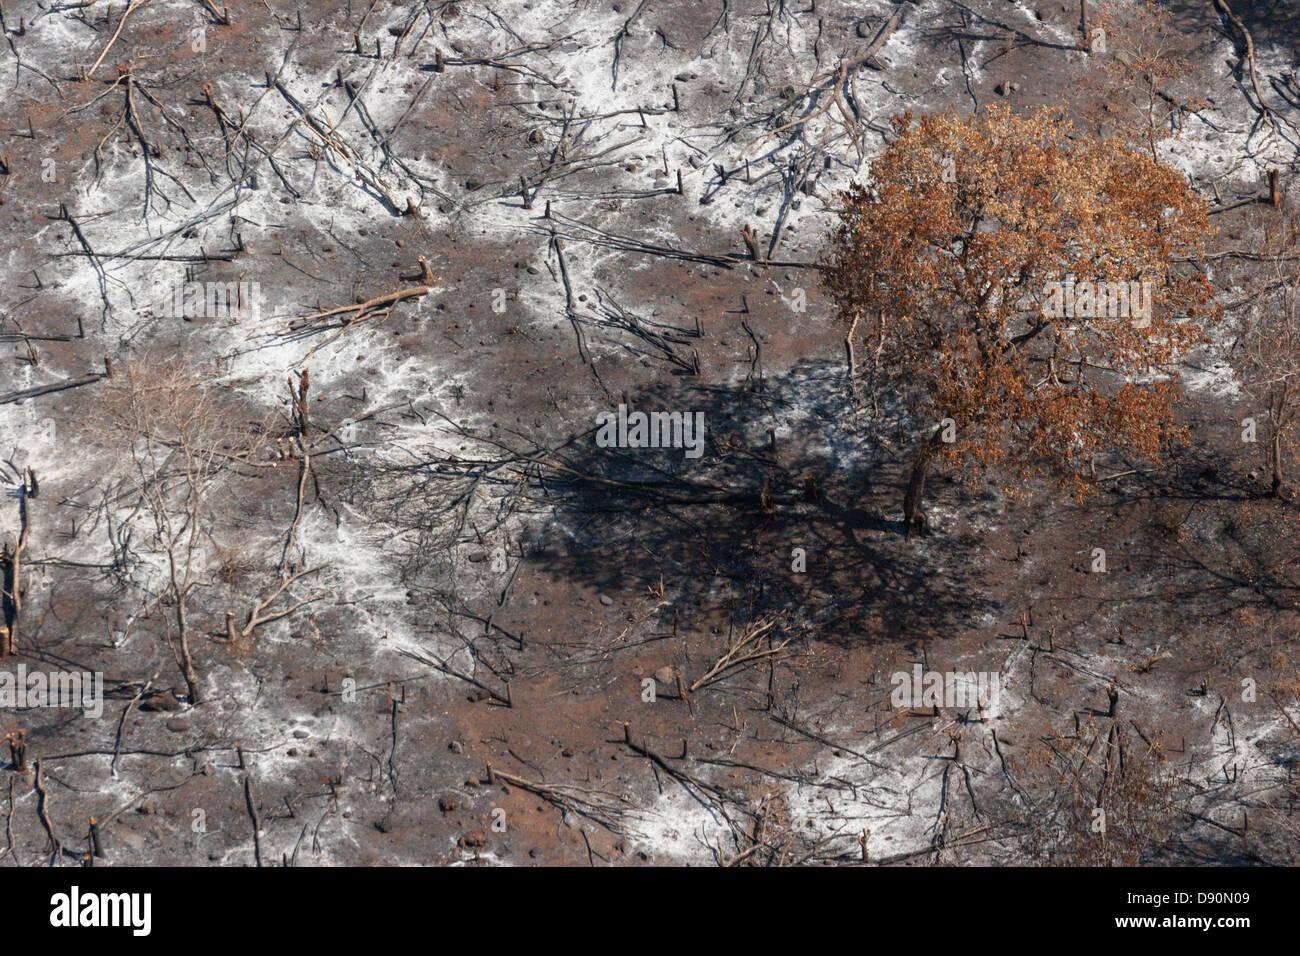 Scorched Earth masterizzazione stagionali di clearing Guinea forestale in Africa Immagini Stock